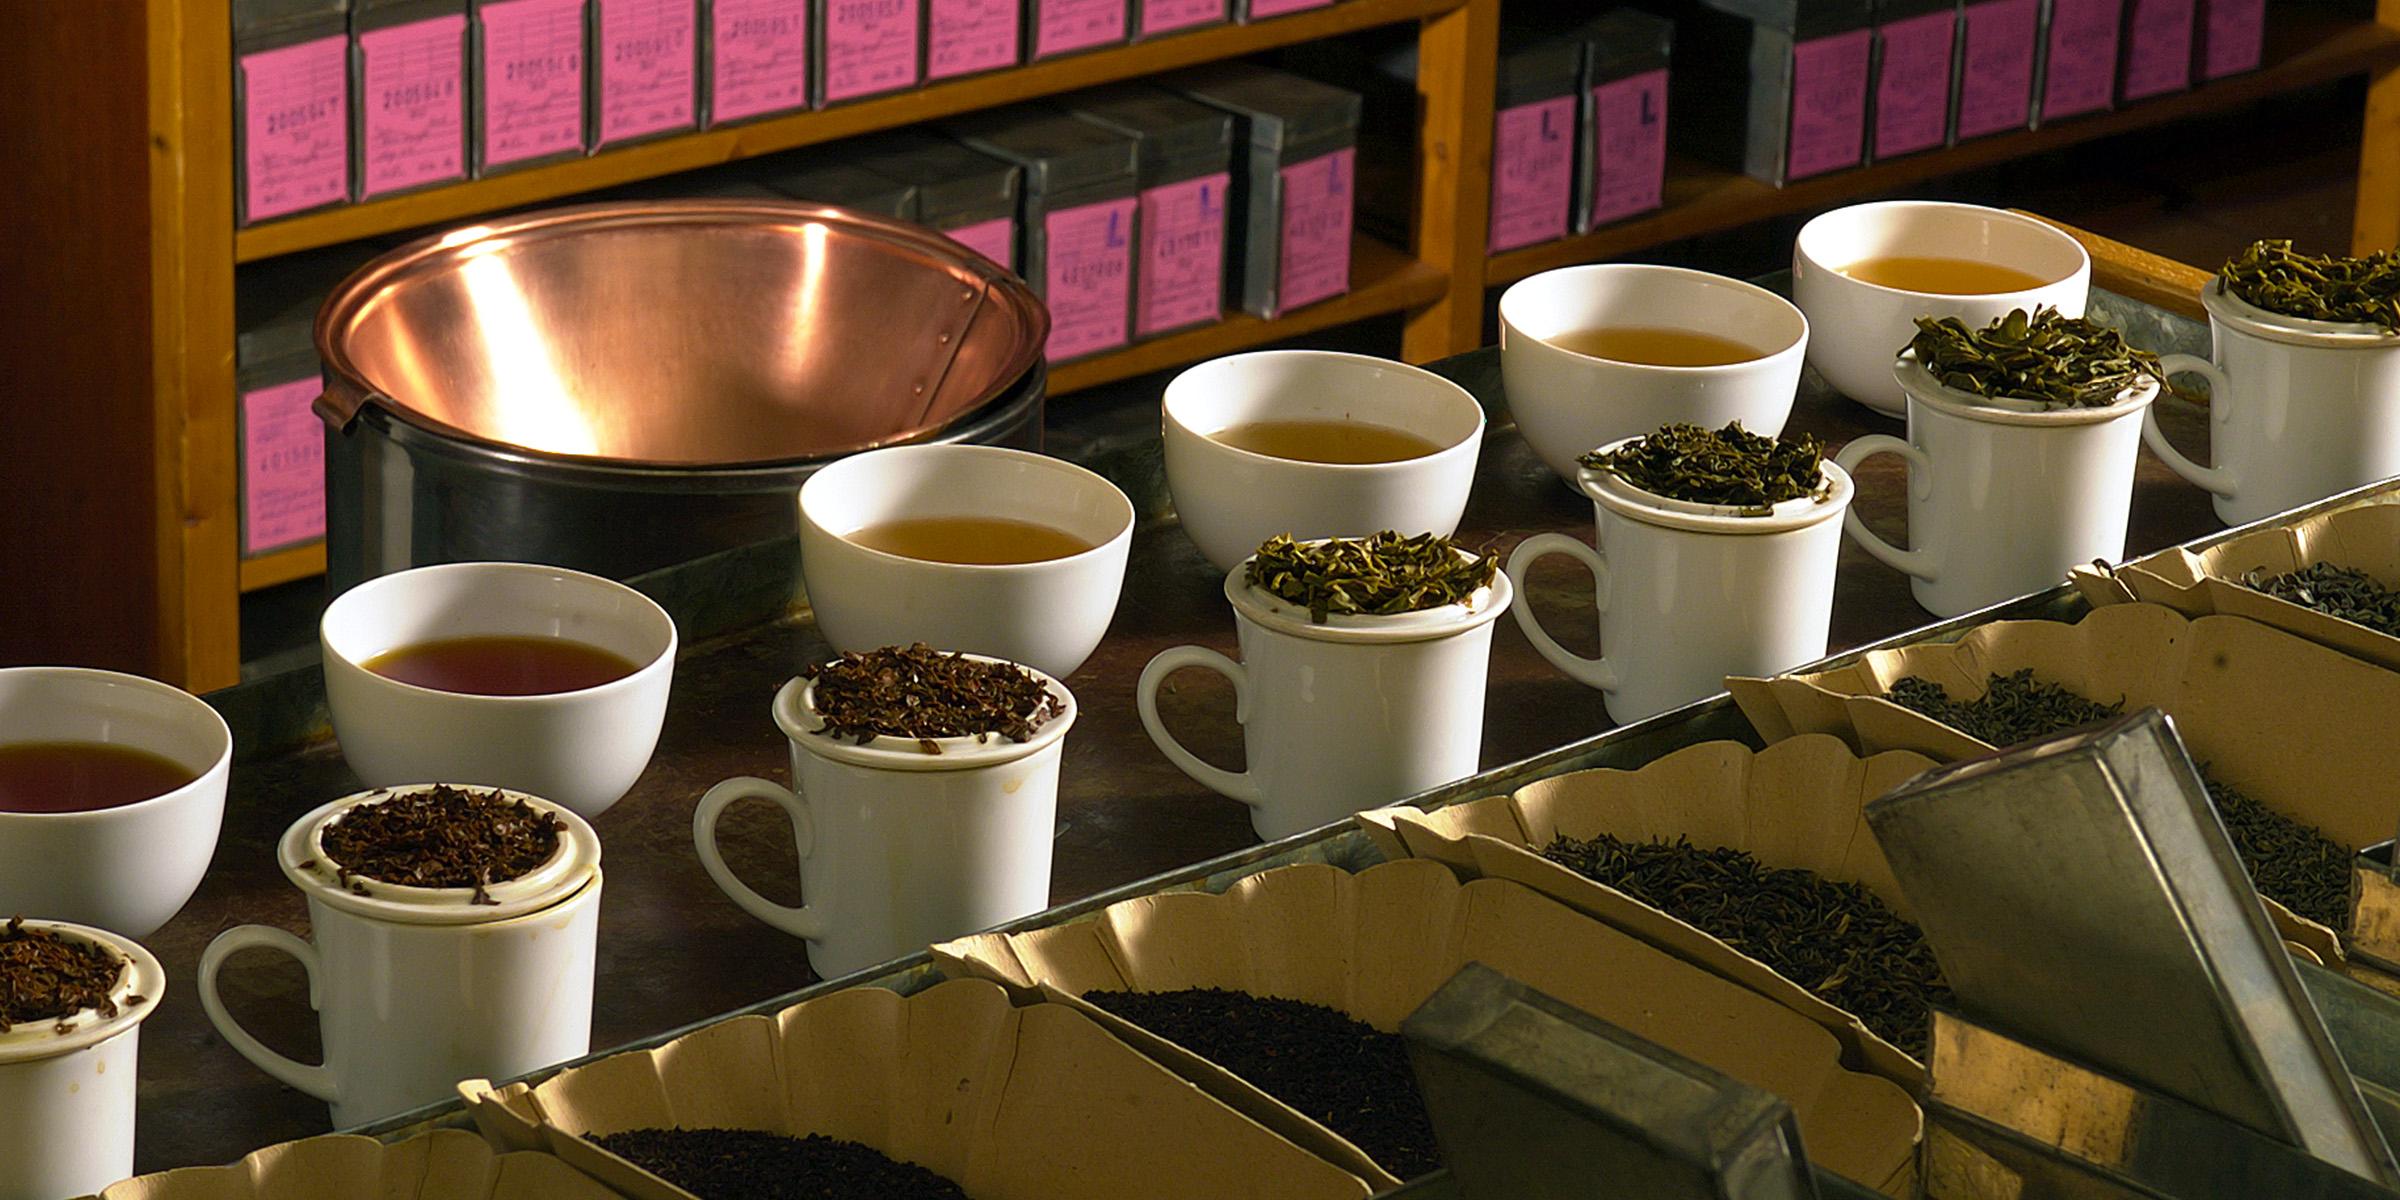 خرید چای شمال در بازار